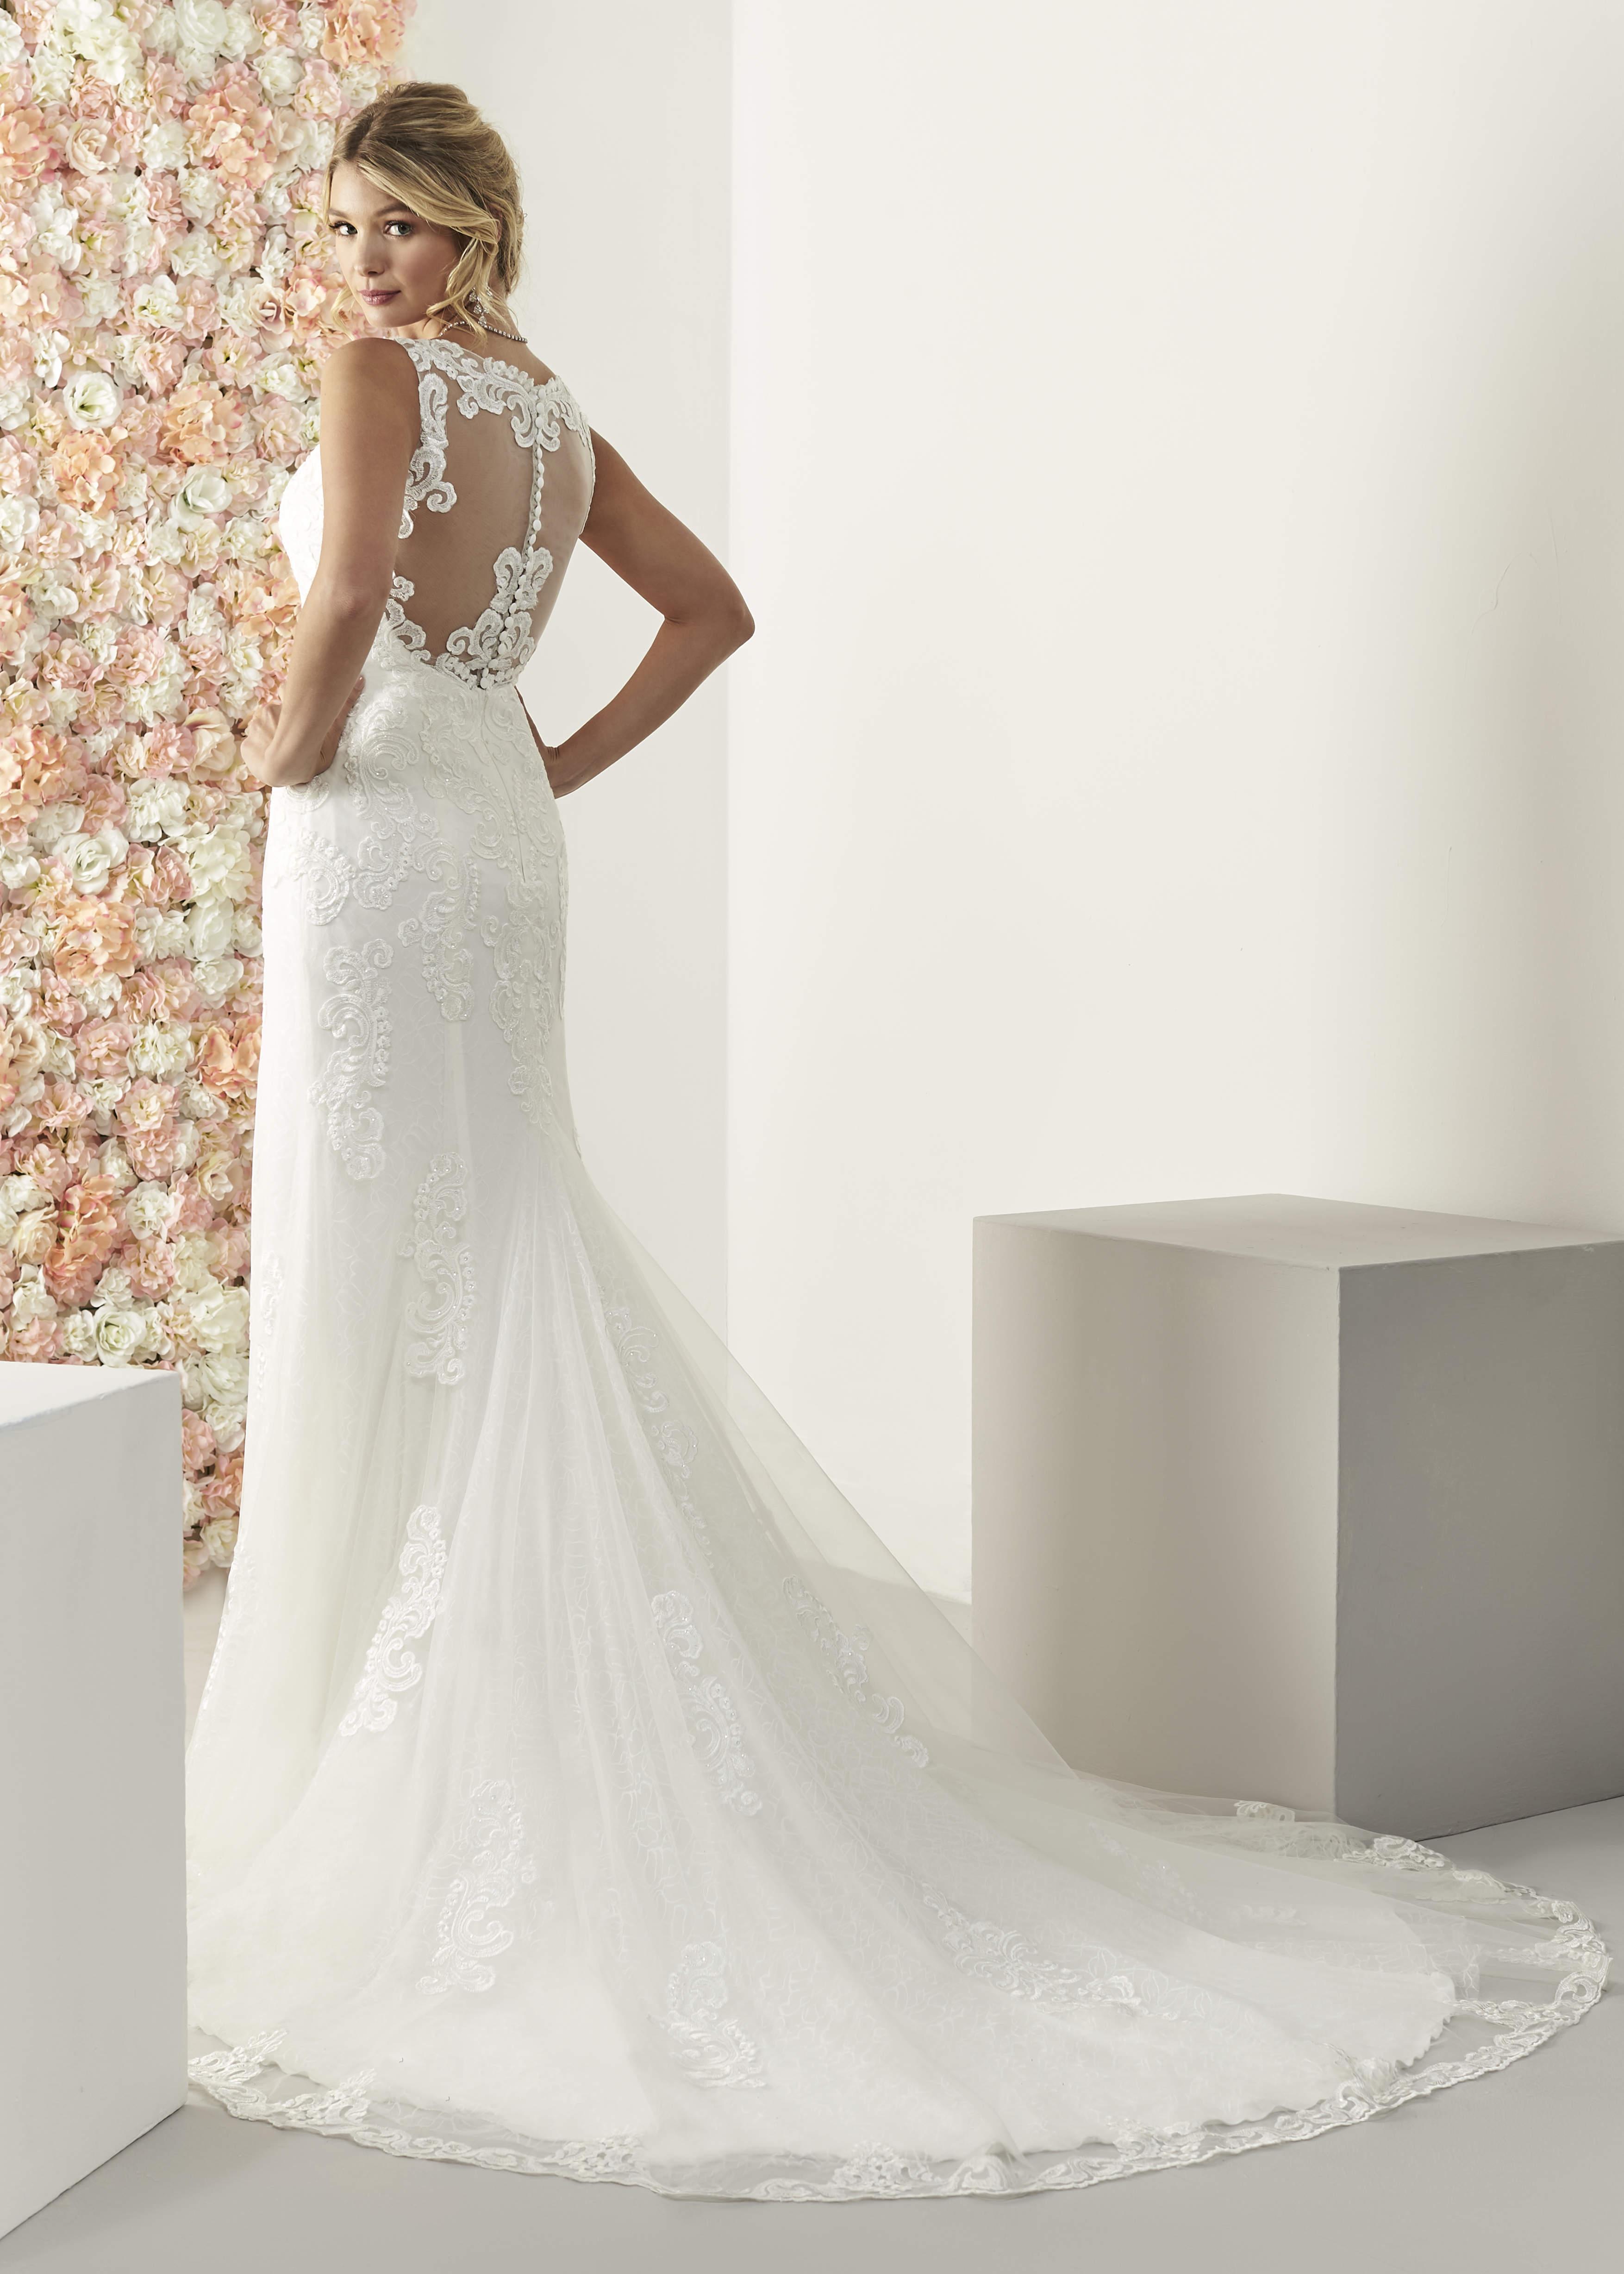 Tiffany Wedding Dresses Tiffany Wedding Gowns